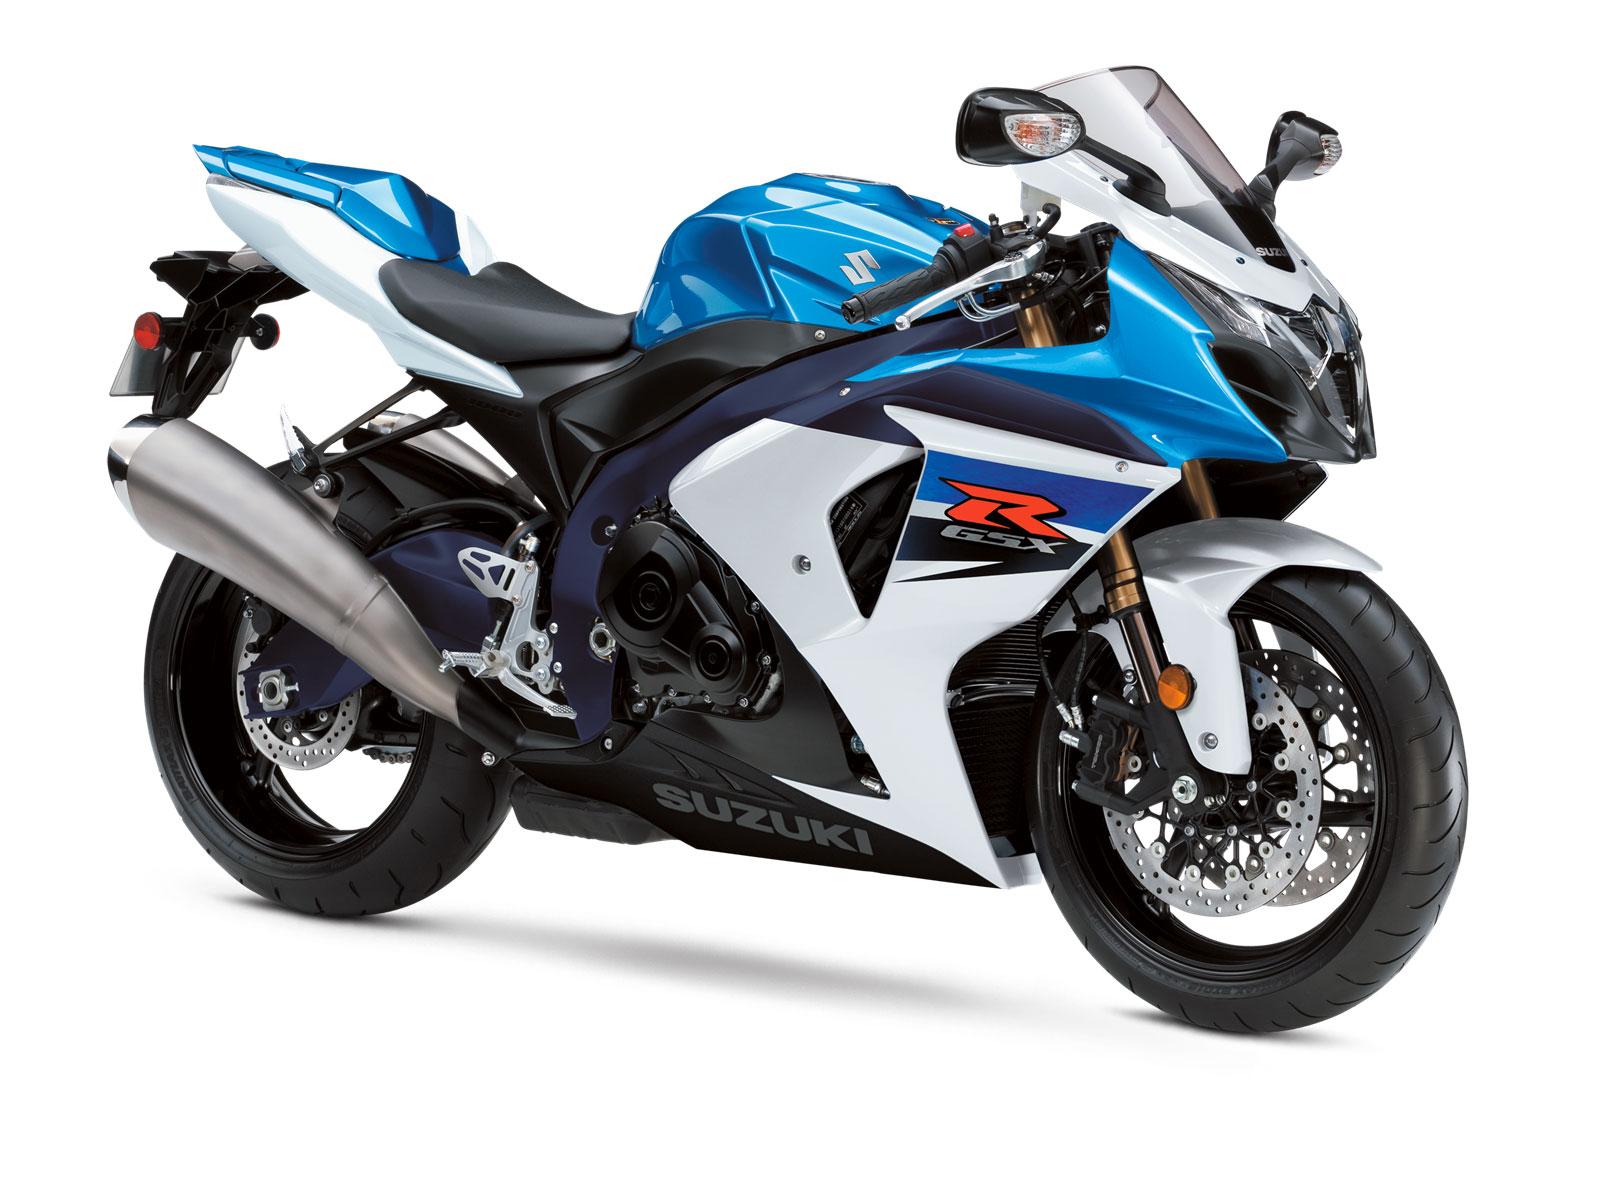 http://3.bp.blogspot.com/_J3_liDBfbvs/TQlJZ7XcZuI/AAAAAAAA0Zk/BfQCw2CRuKg/s1600/2011+Suzuki+GSX-R1000+Superbike.jpg